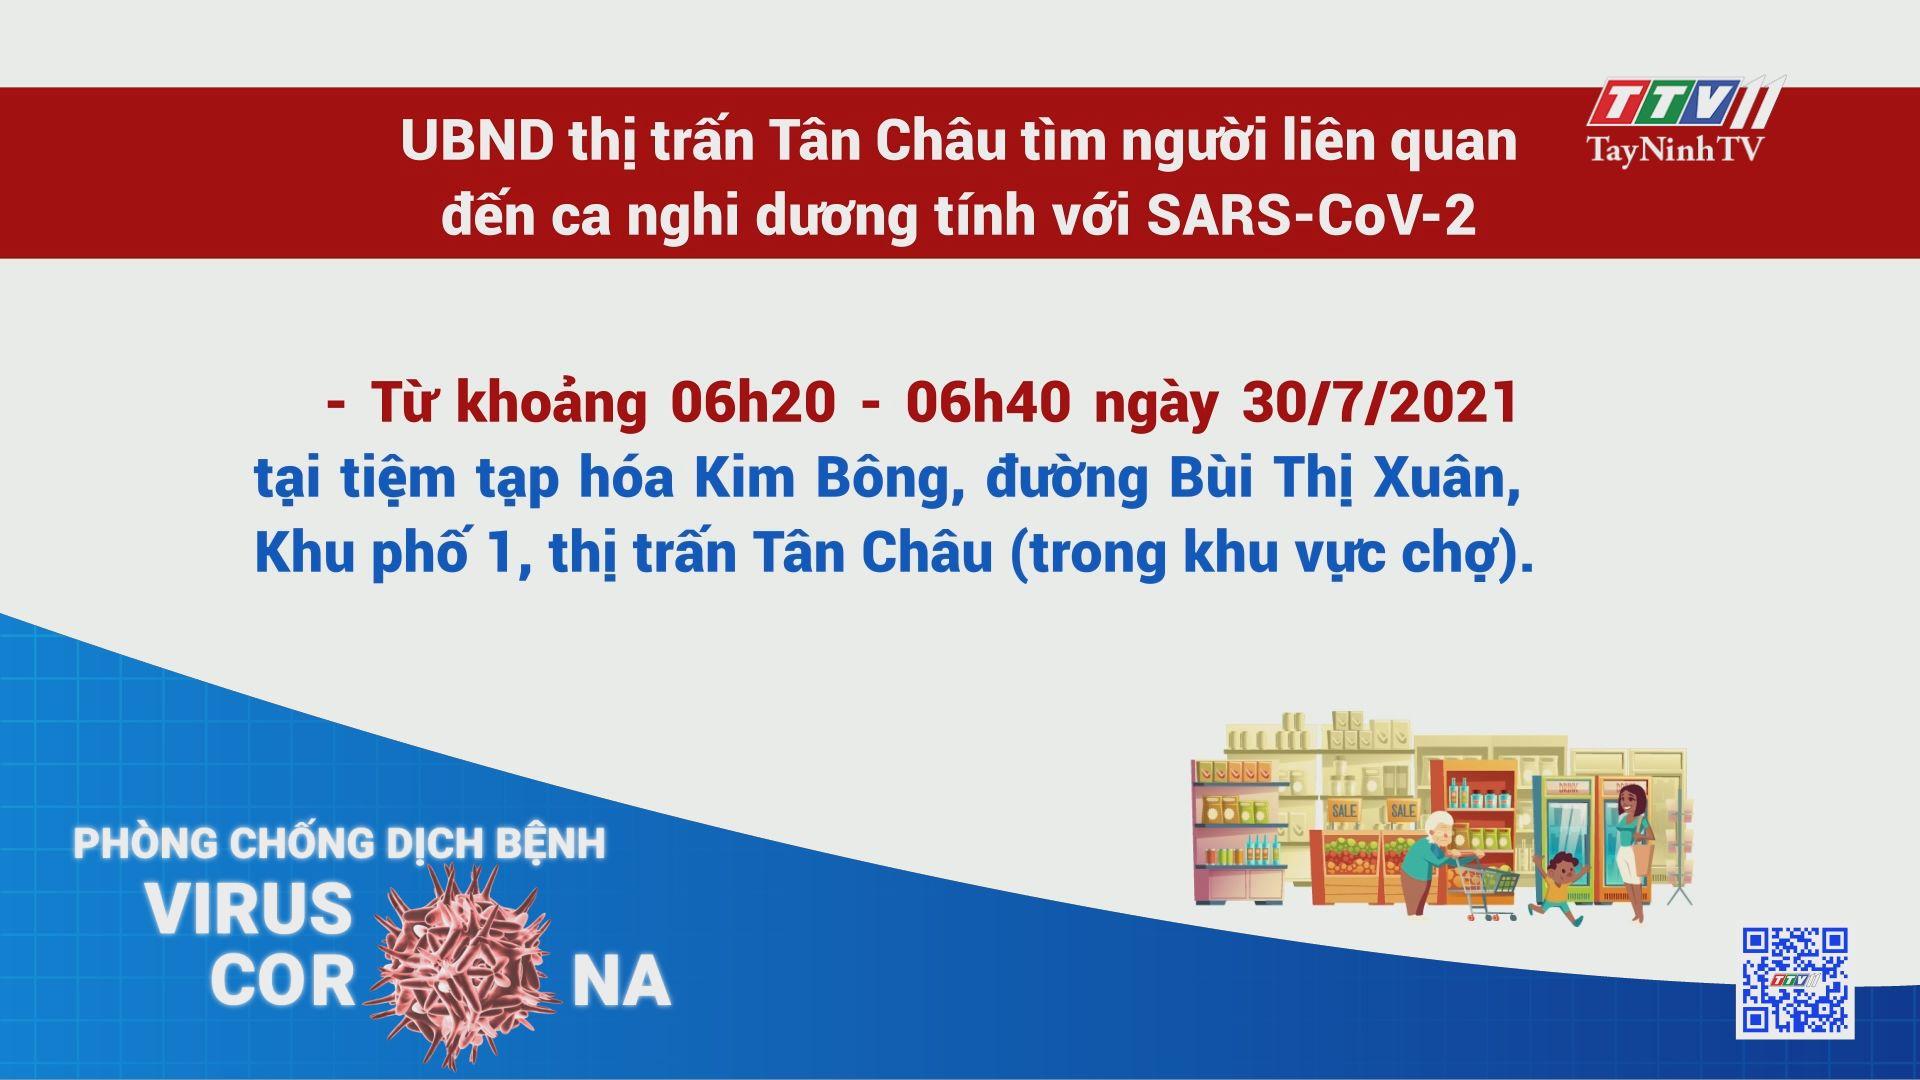 UBND thị trấn Tân Châu tìm người liên quan đến ca nghi dương tính với SARS-CoV-2 | THÔNG TIN DỊCH COVID-19 | TayNinhTV